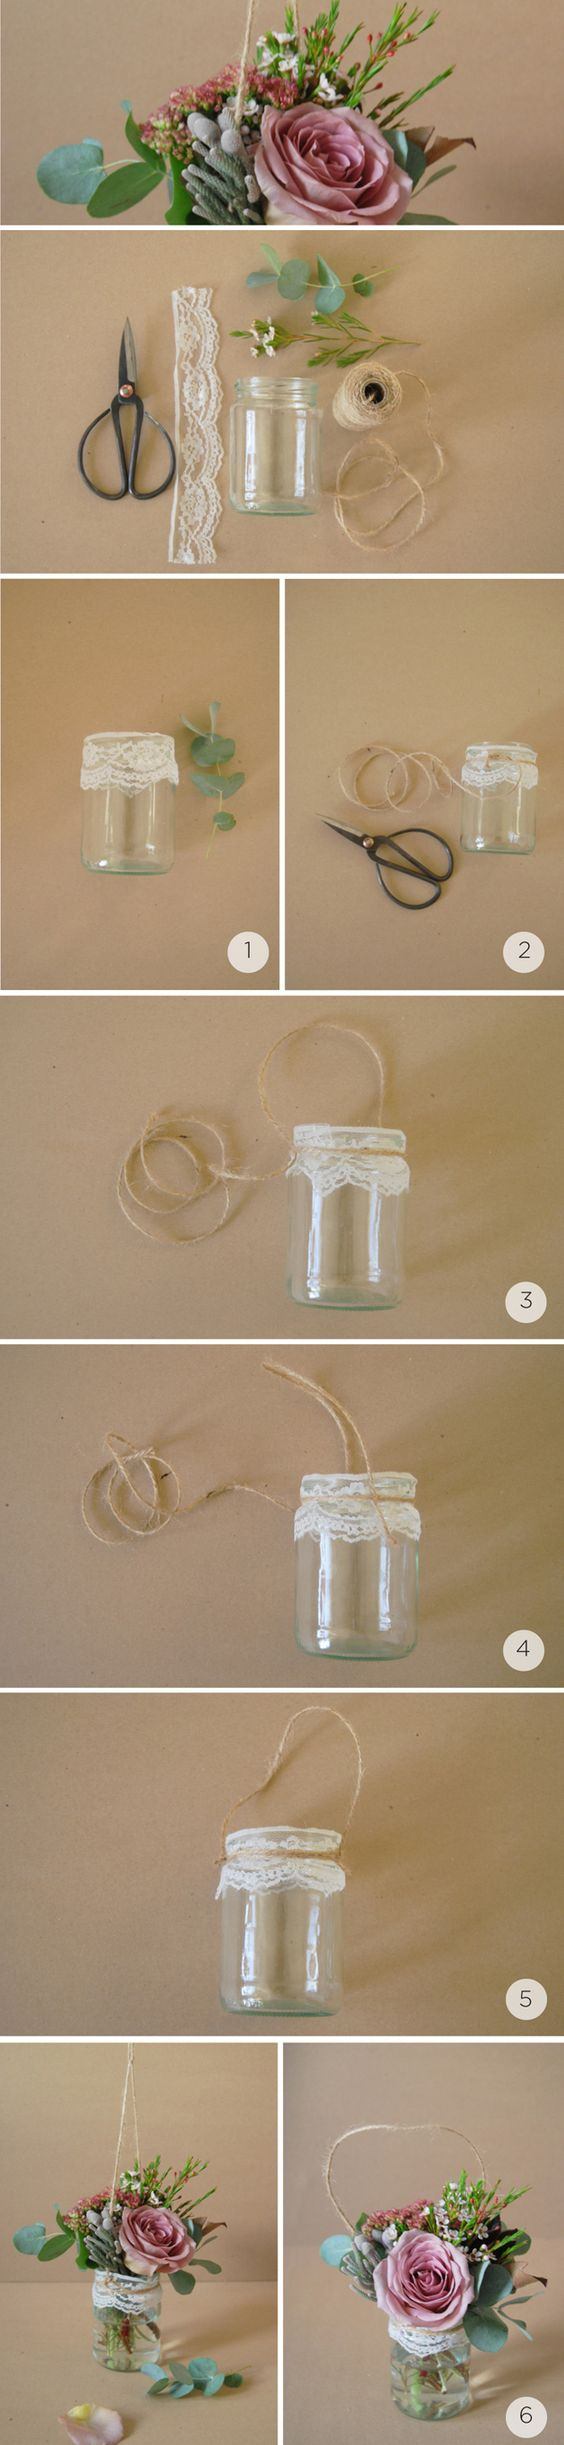 Reciclagem passo a passo com potes de vidro